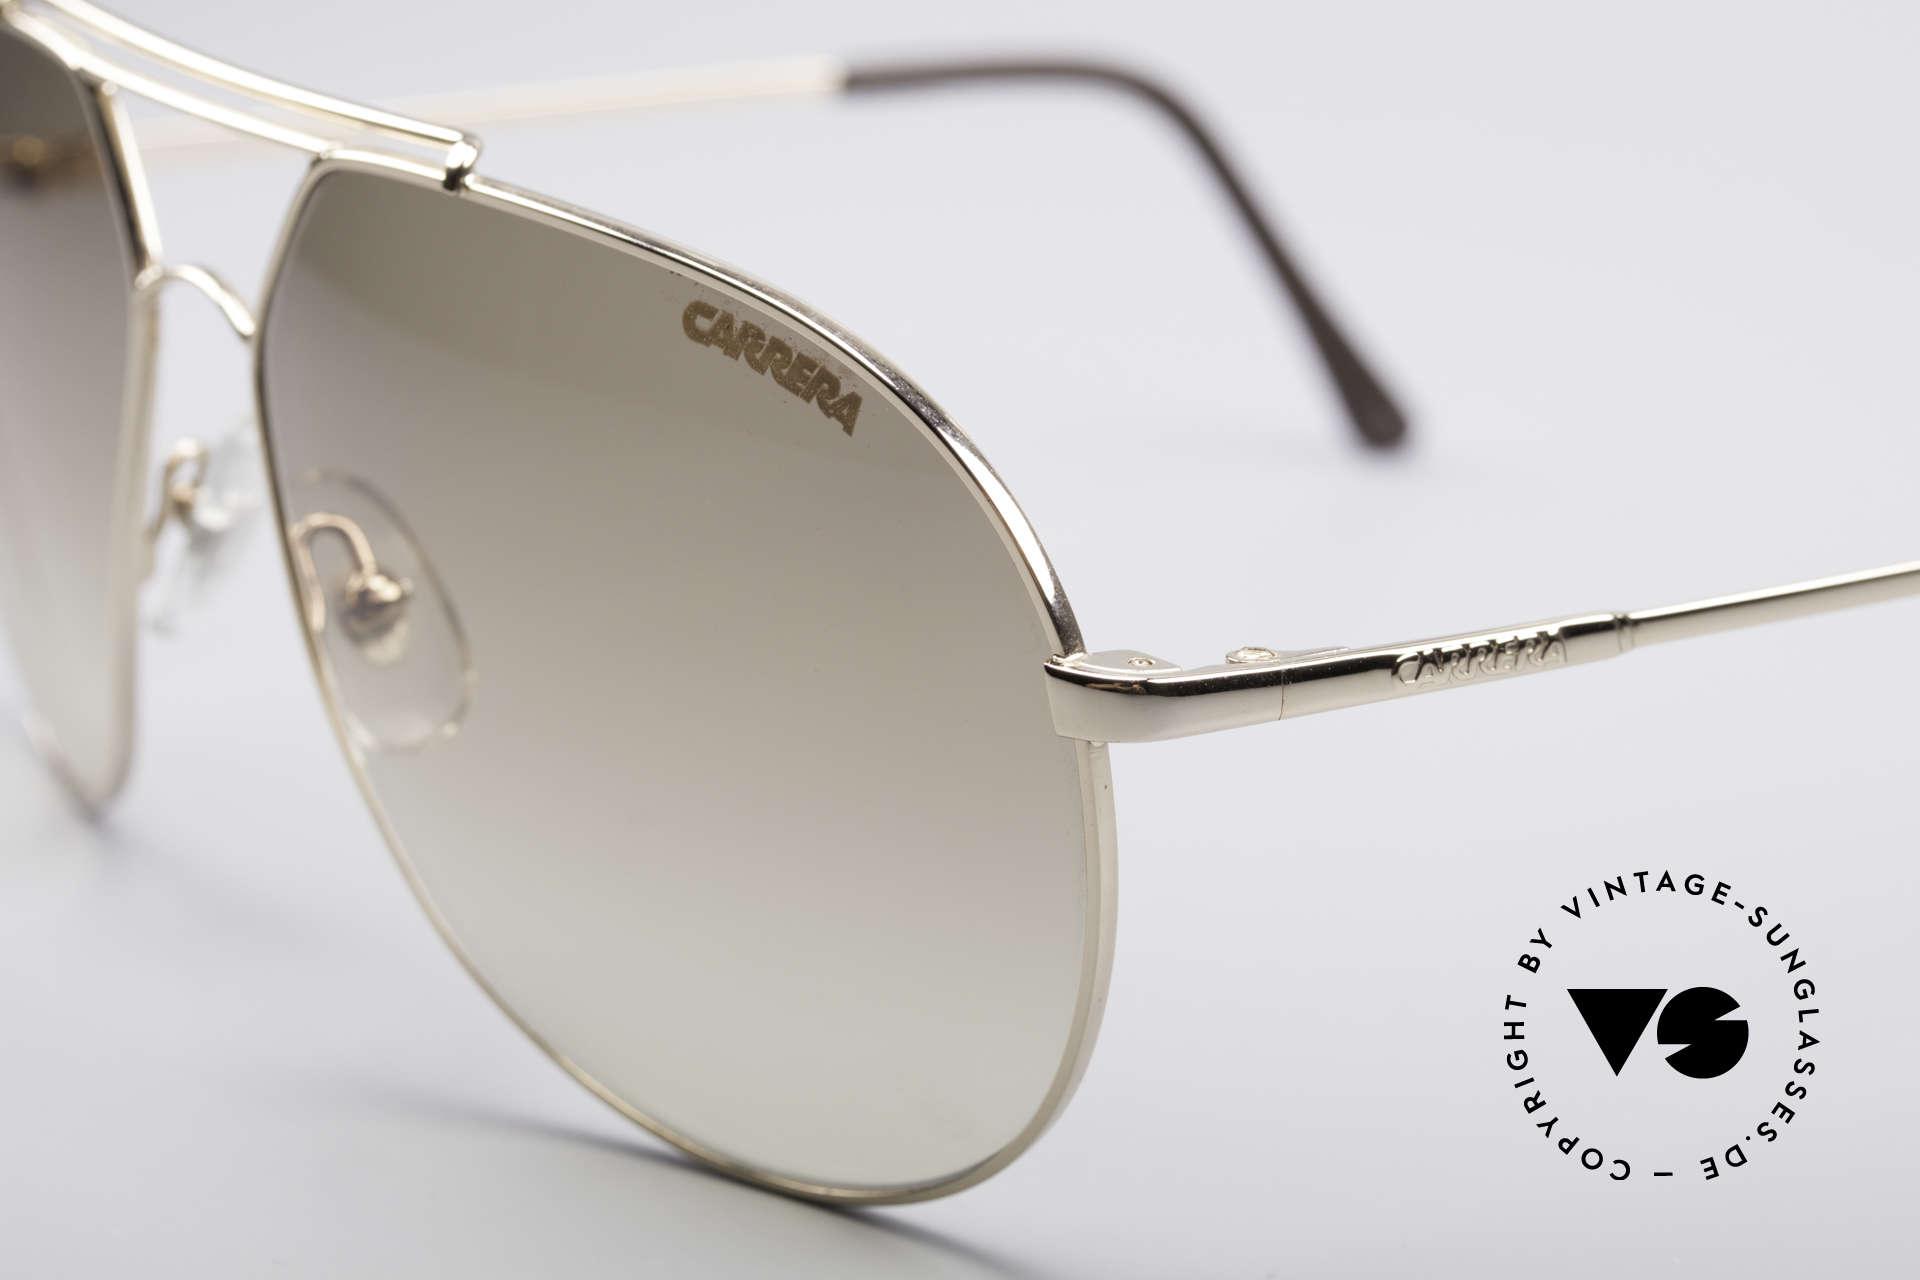 Carrera 5421 90er Piloten Sonnenbrille, zudem höchster Qualitätsanspruch & Tragekomfort, Passend für Herren